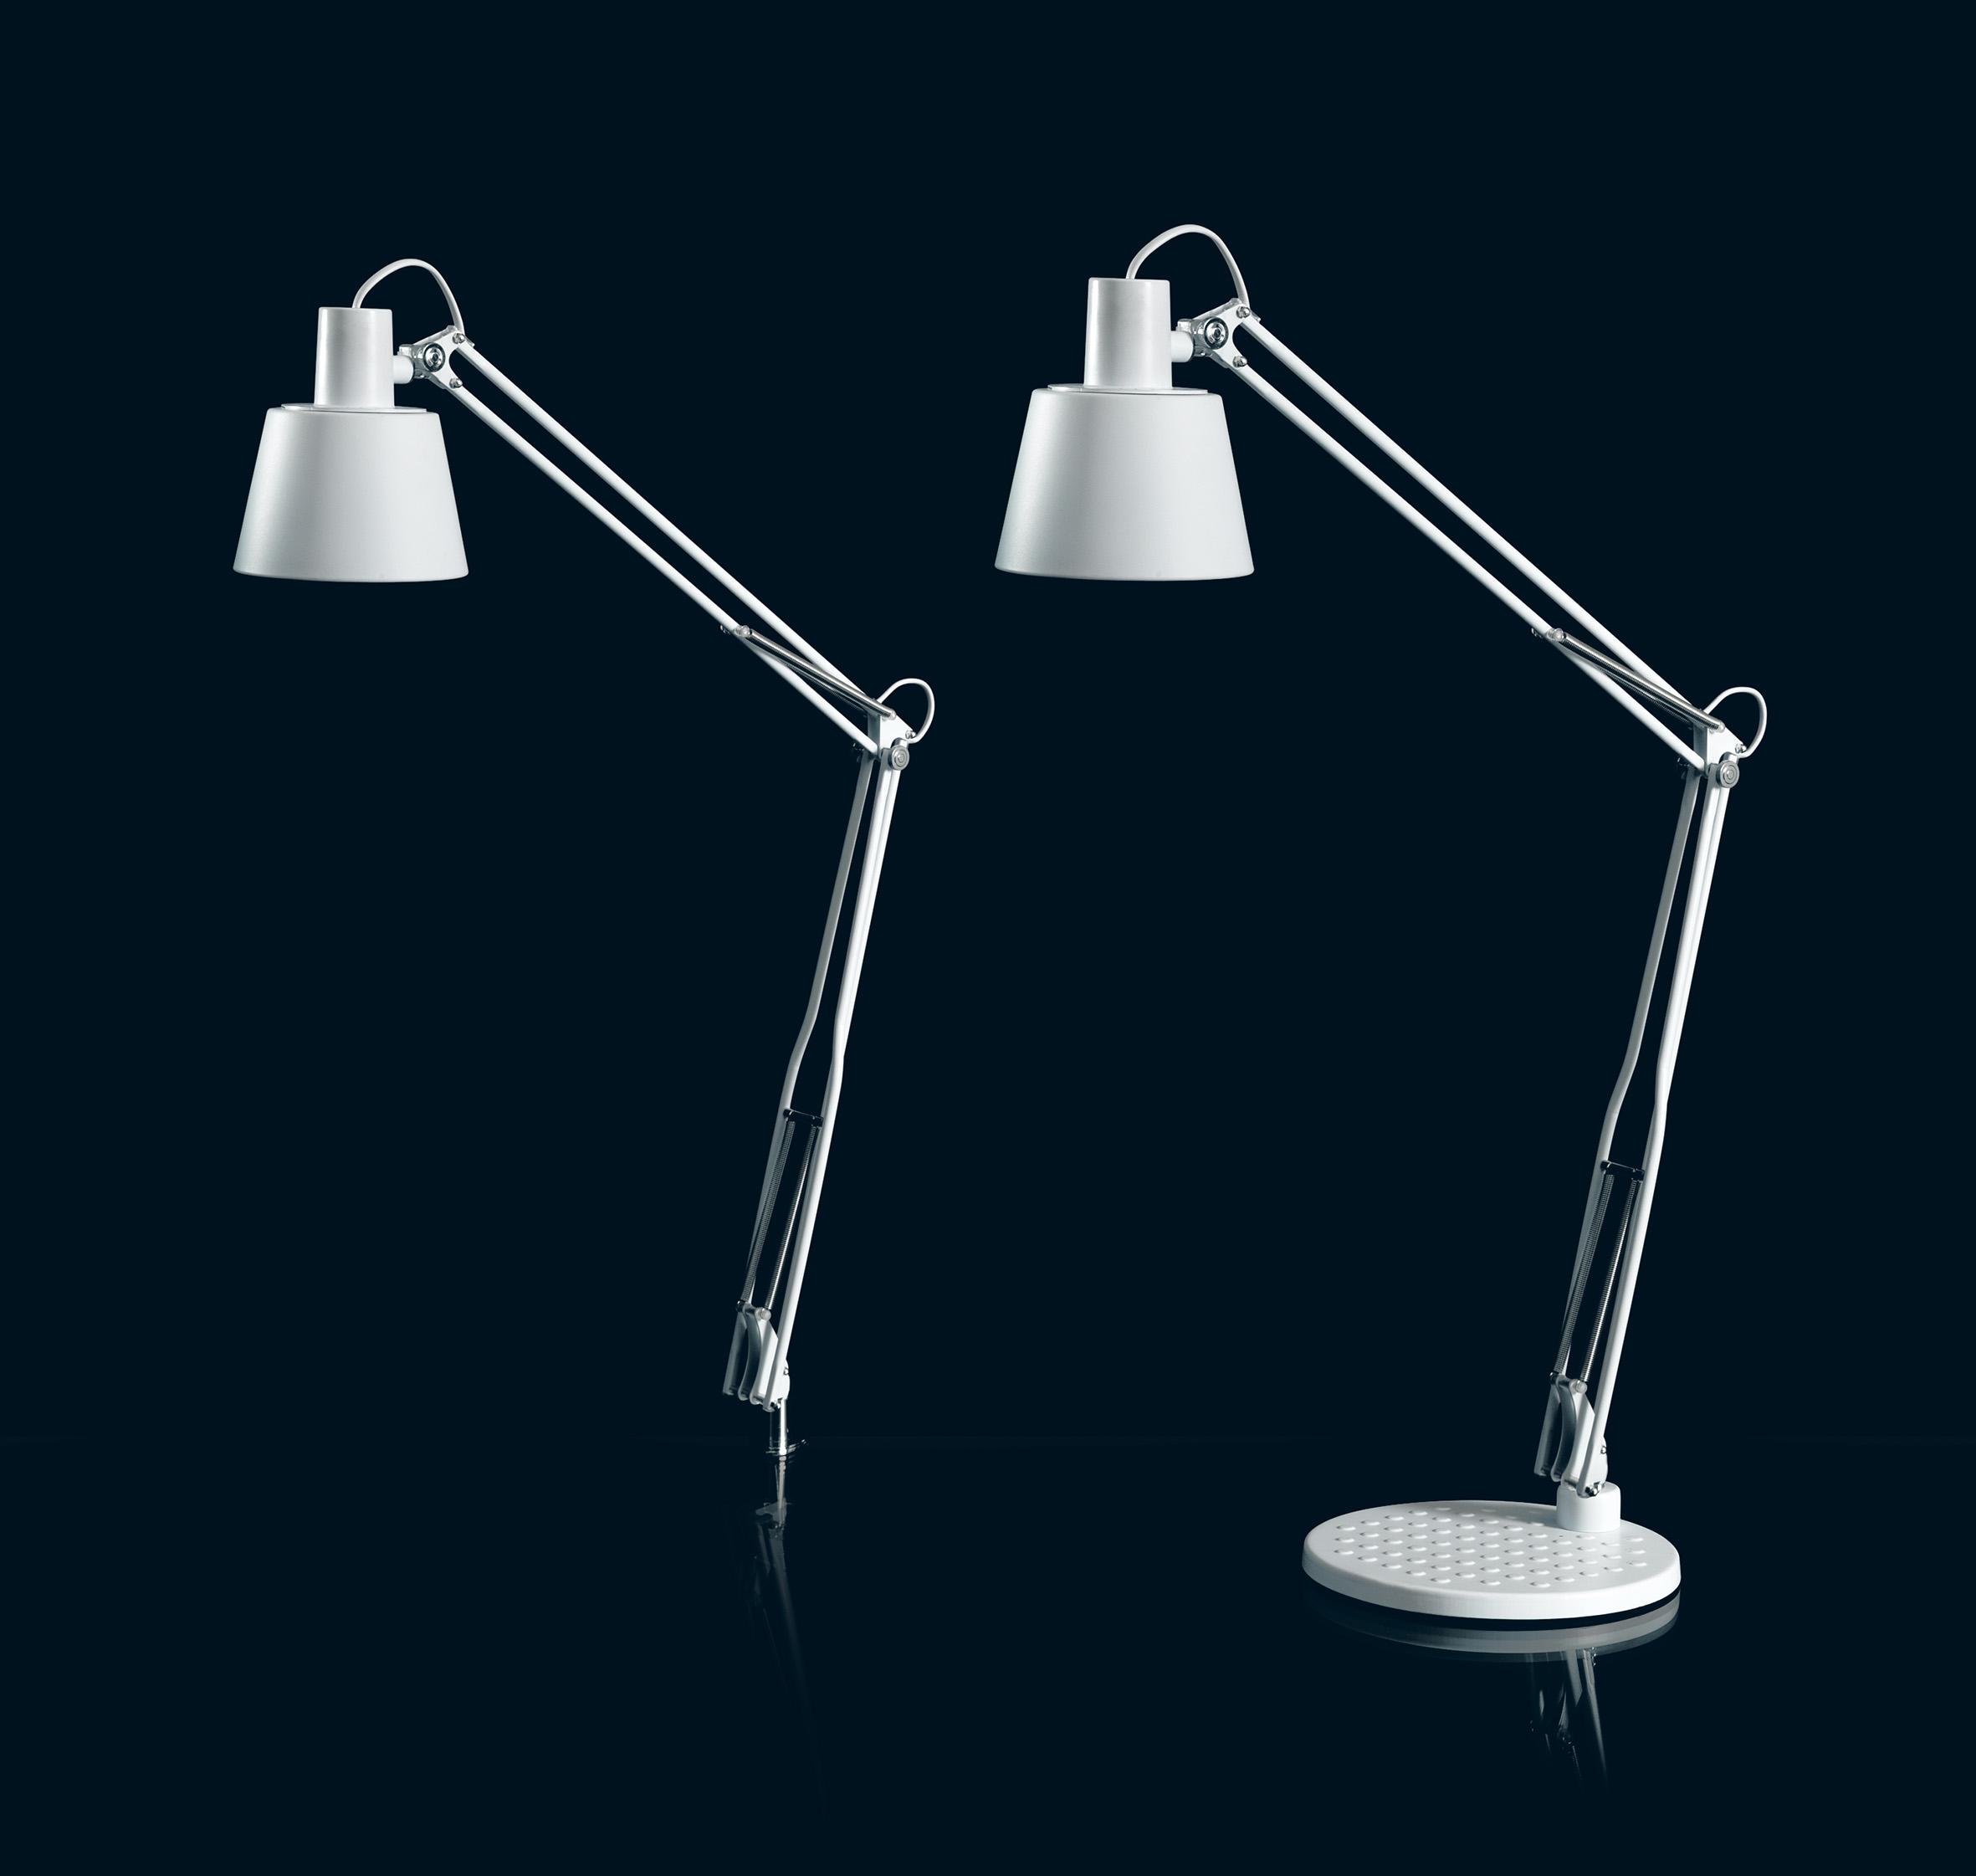 lampes de bureau montpellier 34 n mes 30 agde. Black Bedroom Furniture Sets. Home Design Ideas